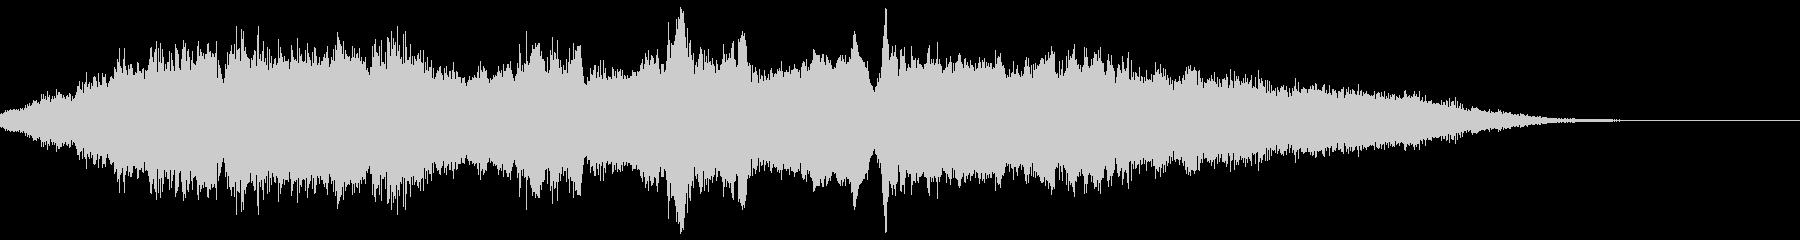 ゲームオーバー・セーブ(ファンタジー系)の未再生の波形